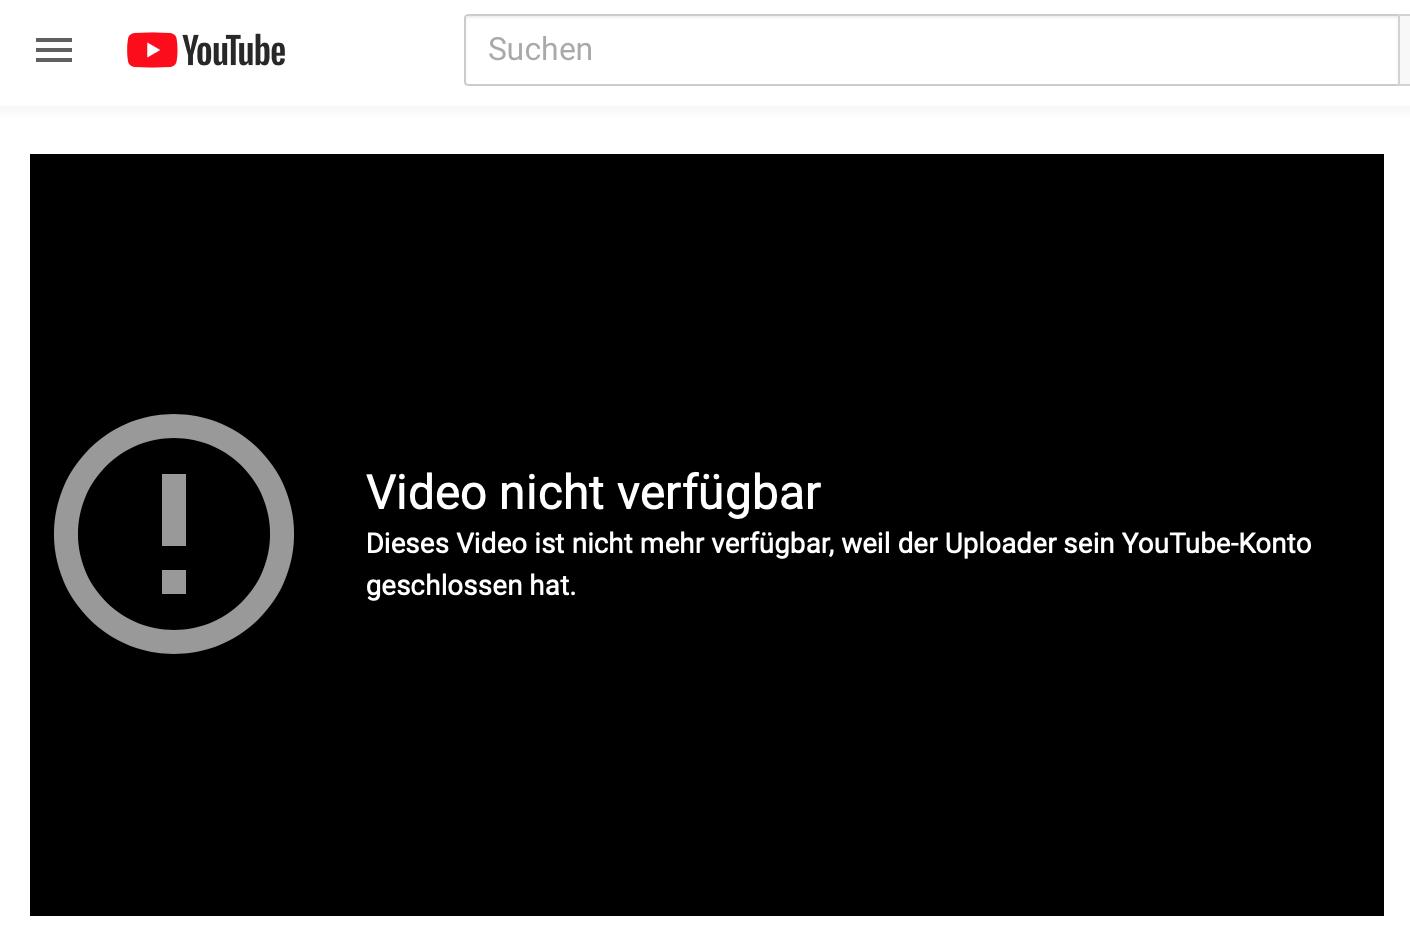 Youtube-Account von Lemisch geschlossen (25.4.19)